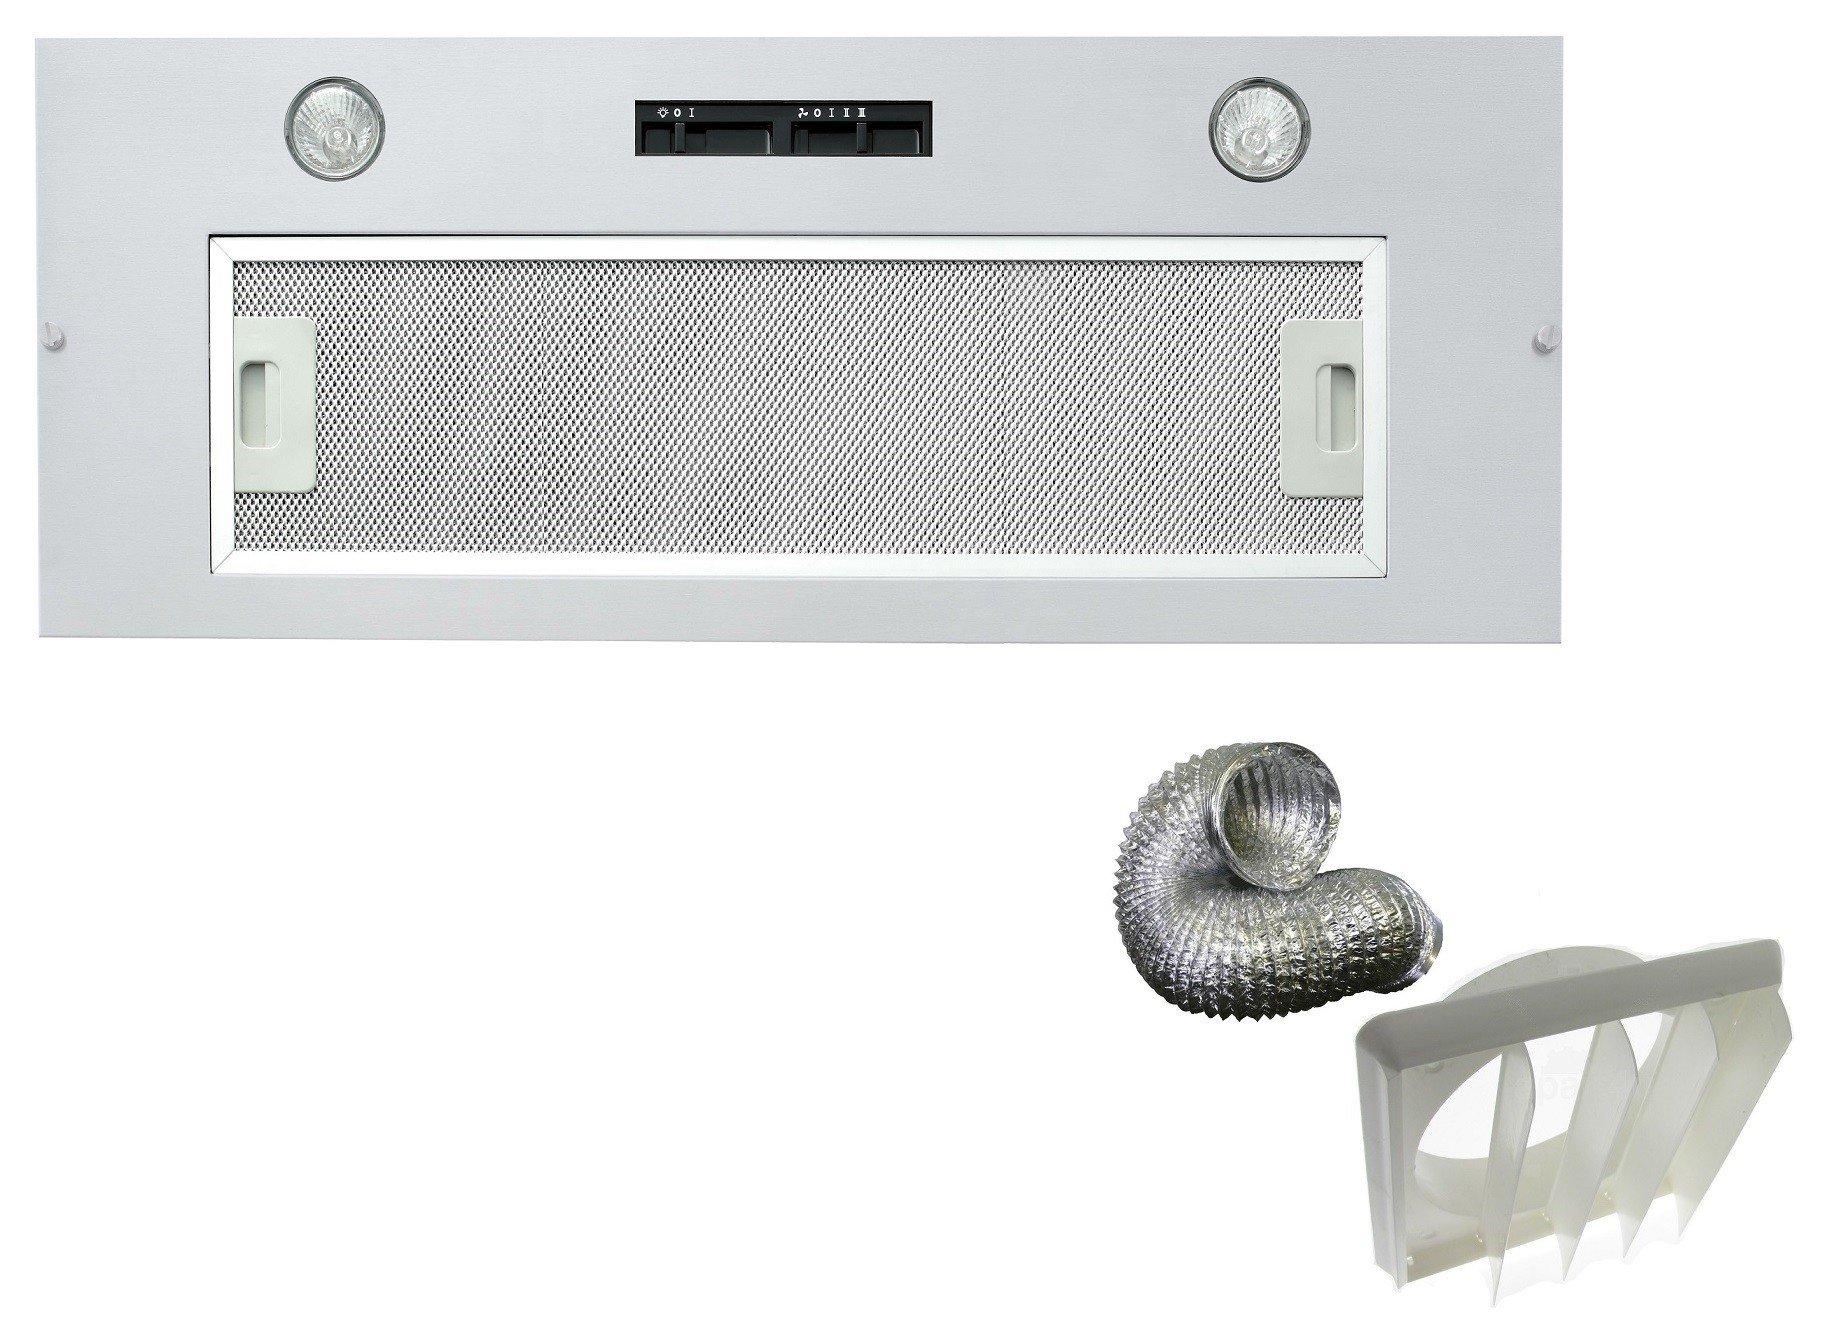 Extractor integrado para techo Cookology BUCH900SS | campana de cocina integrada de 90 cm y kit de ventilación exterior: Amazon.es: Grandes electrodomésticos